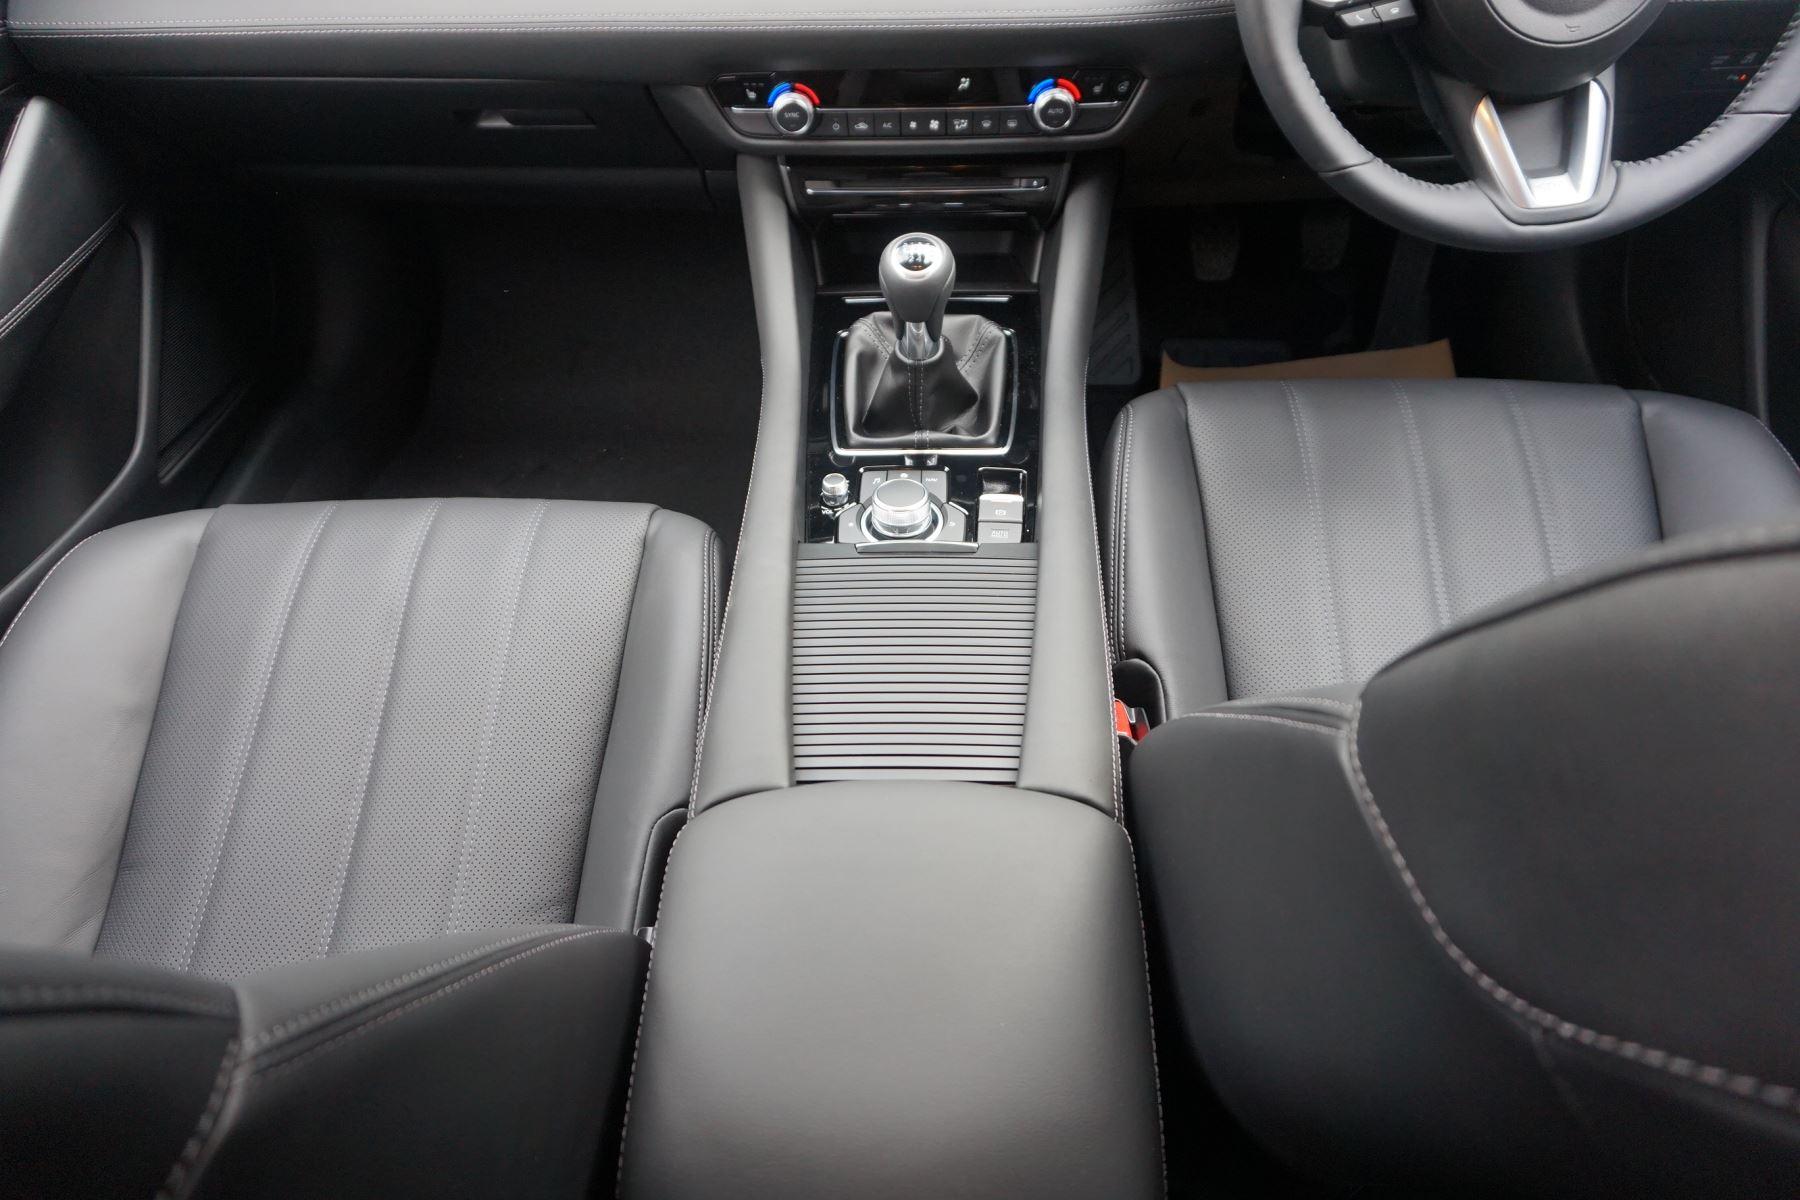 Mazda 6 2.2d SE-L Lux Nav+ 4dr image 13